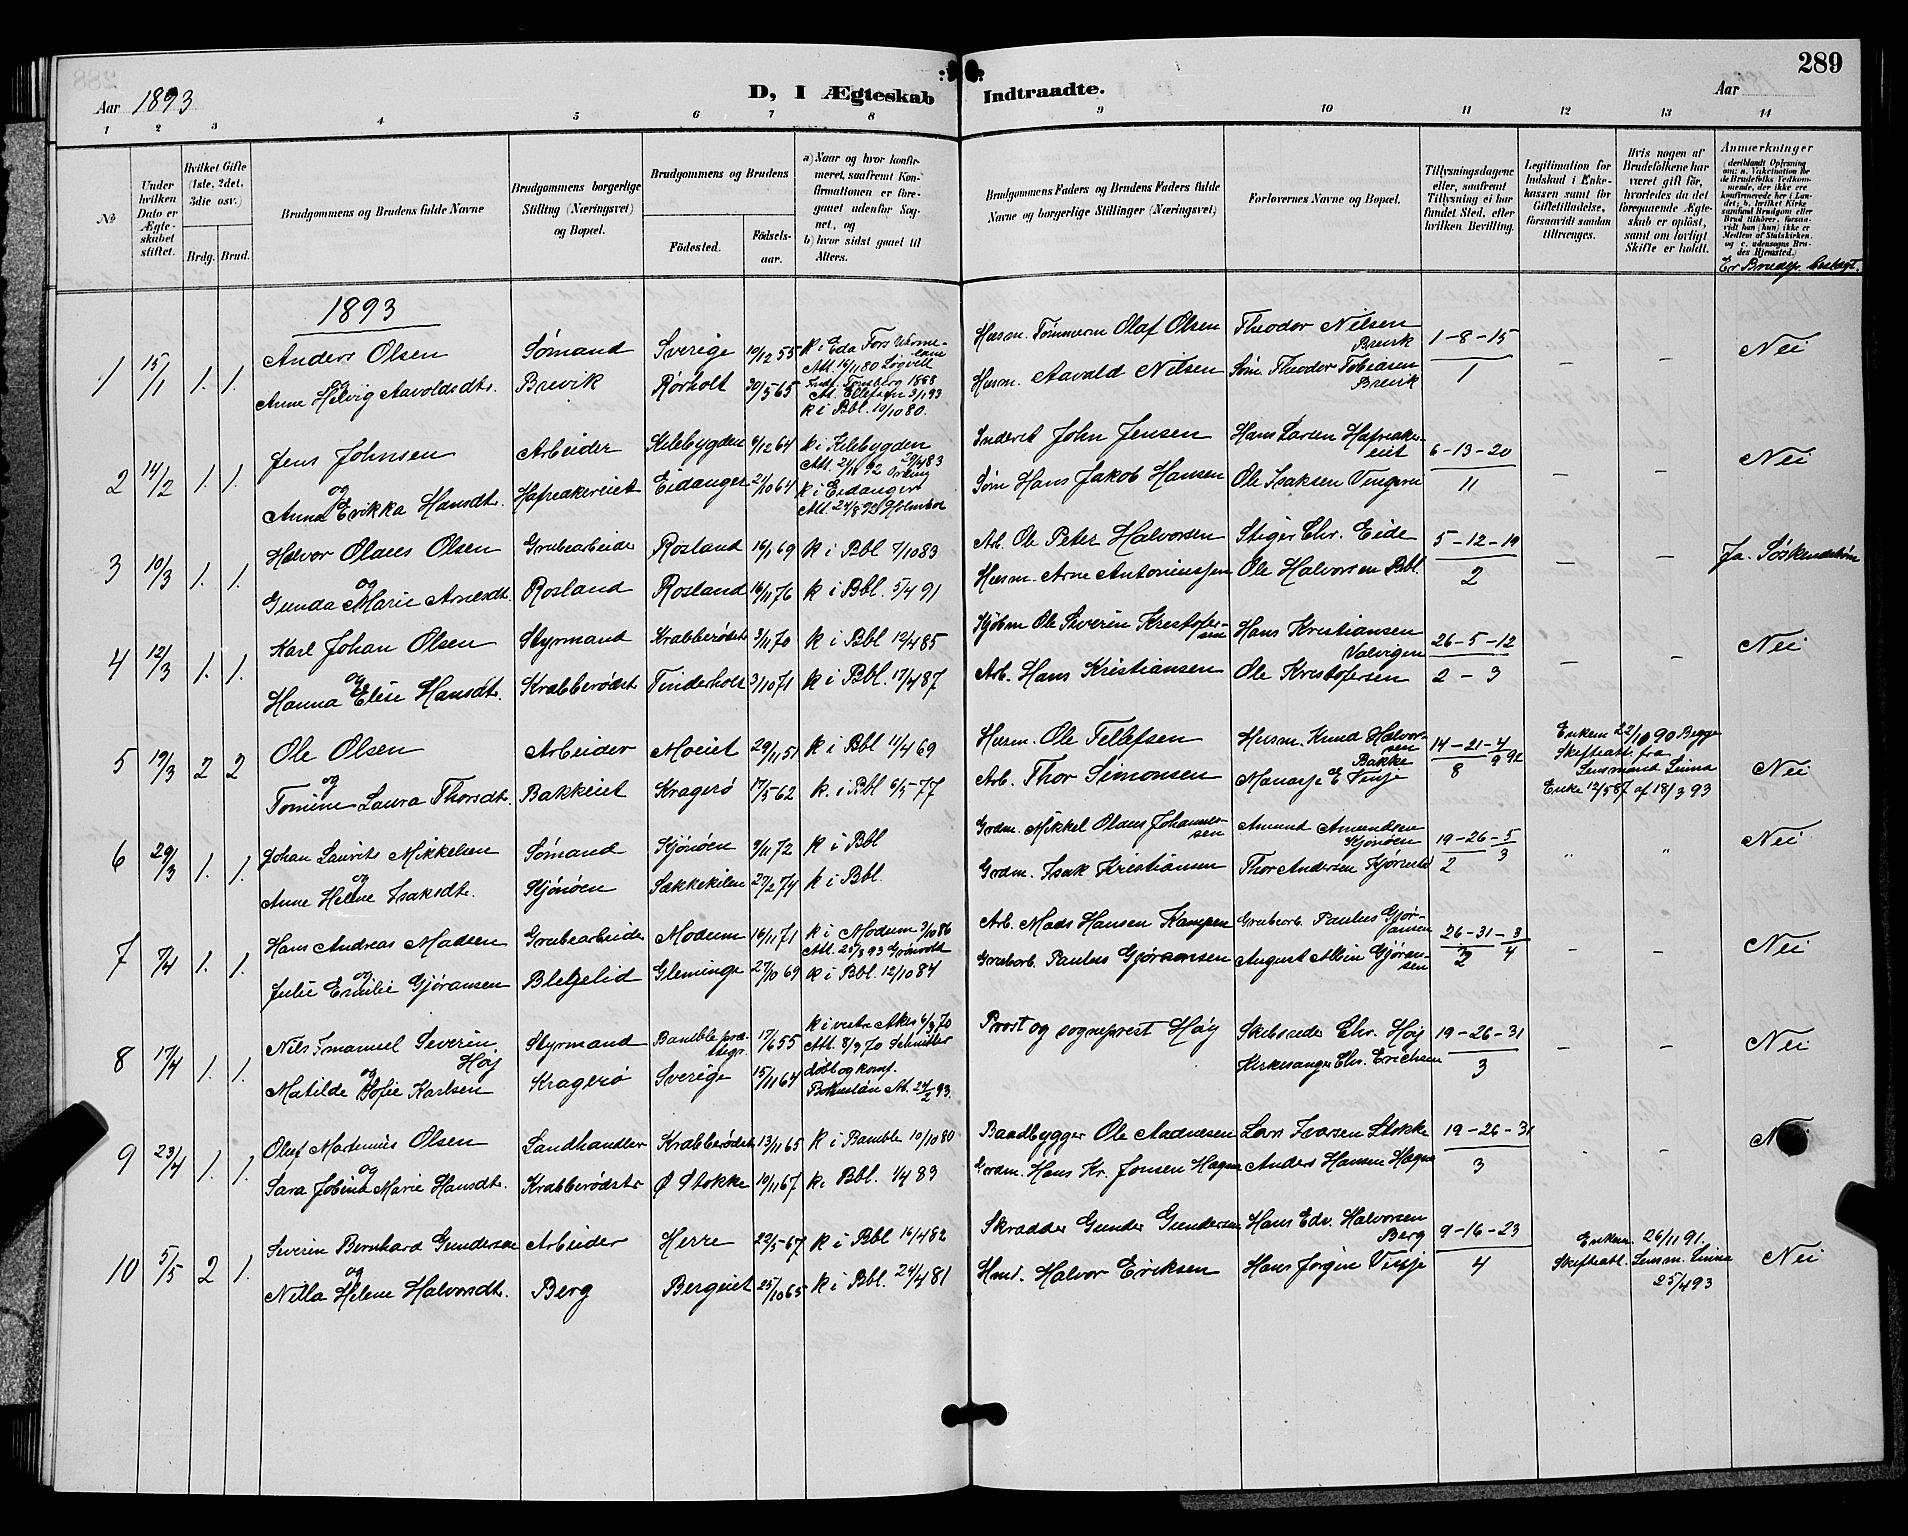 SAKO, Bamble kirkebøker, G/Ga/L0009: Klokkerbok nr. I 9, 1888-1900, s. 289